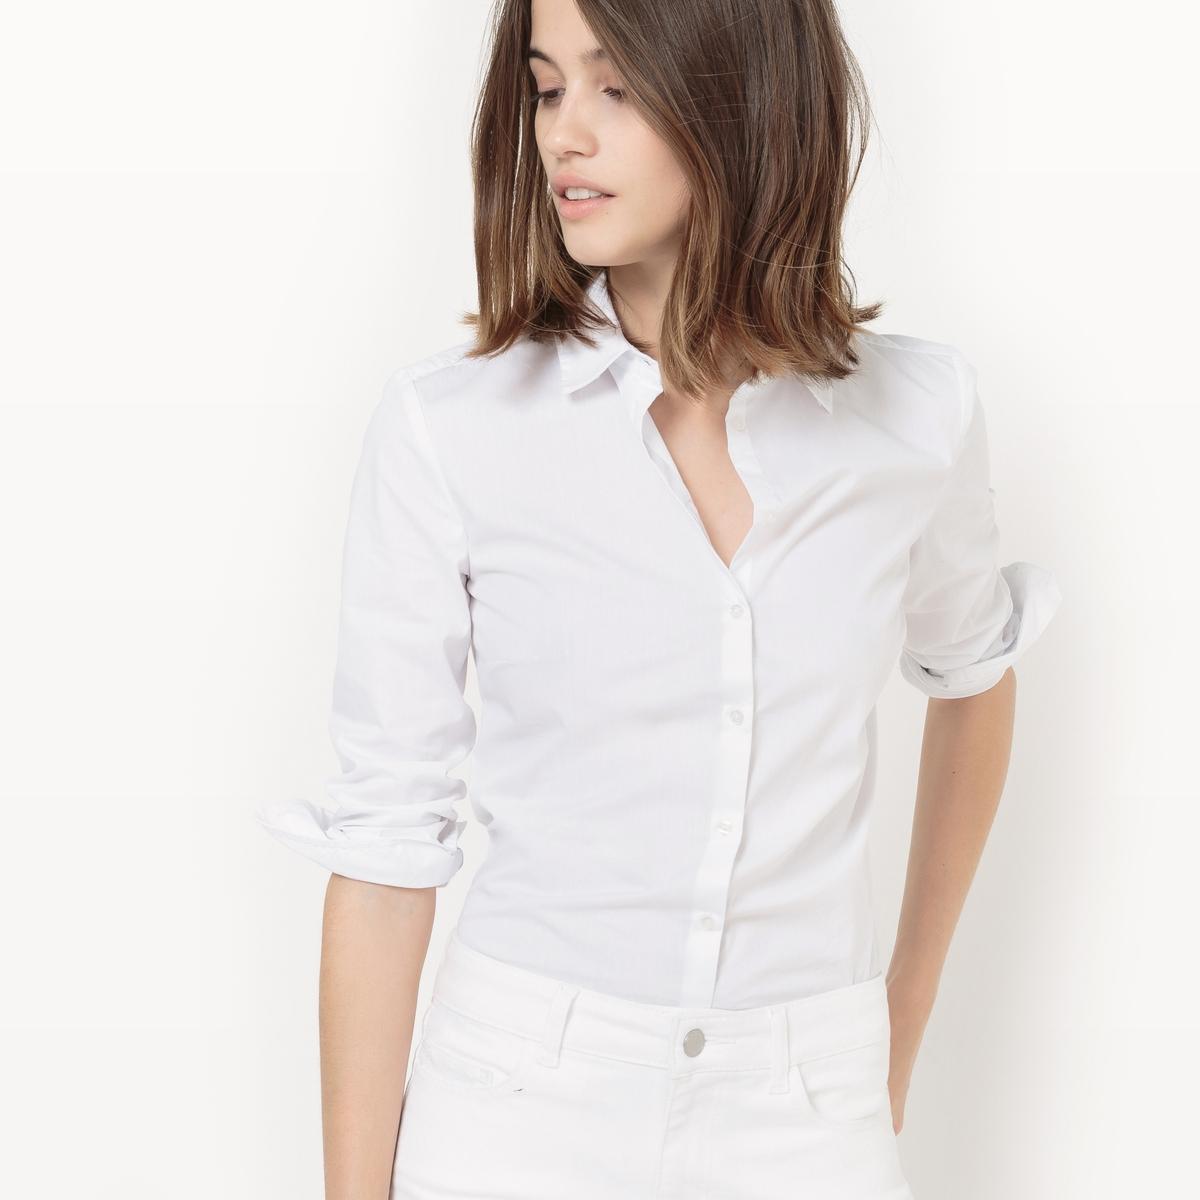 Рубашка однотонная с длинными рукавами, рубашечный воротник от La Redoute Collections